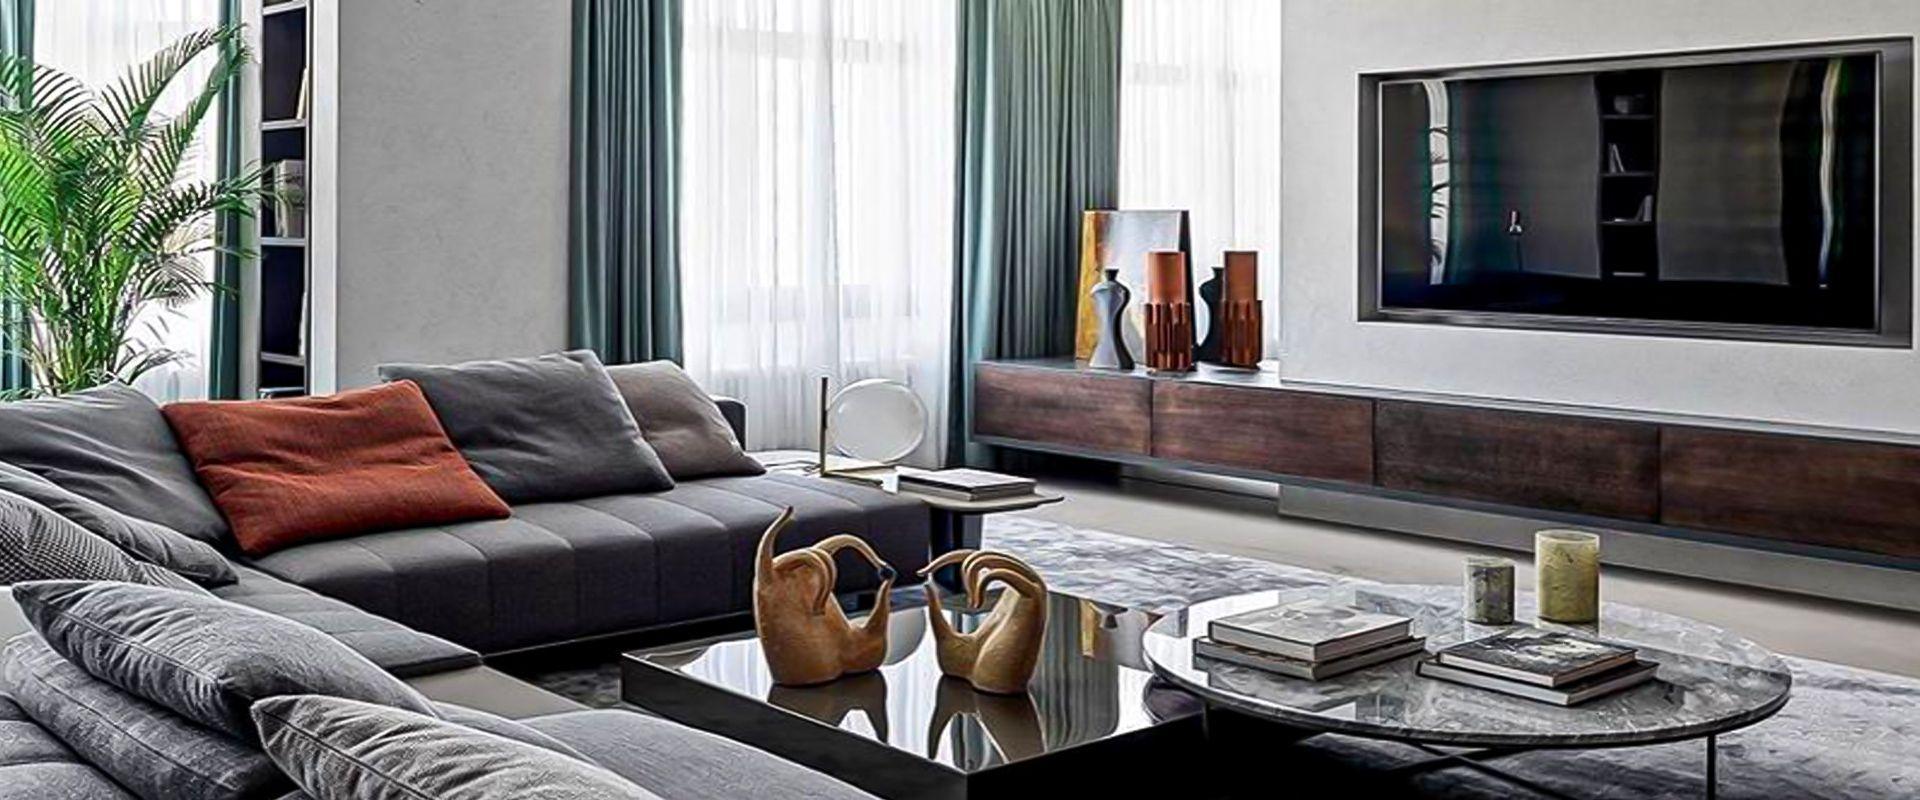 Un appartamento classico ed elegante ispirato allo stile francese